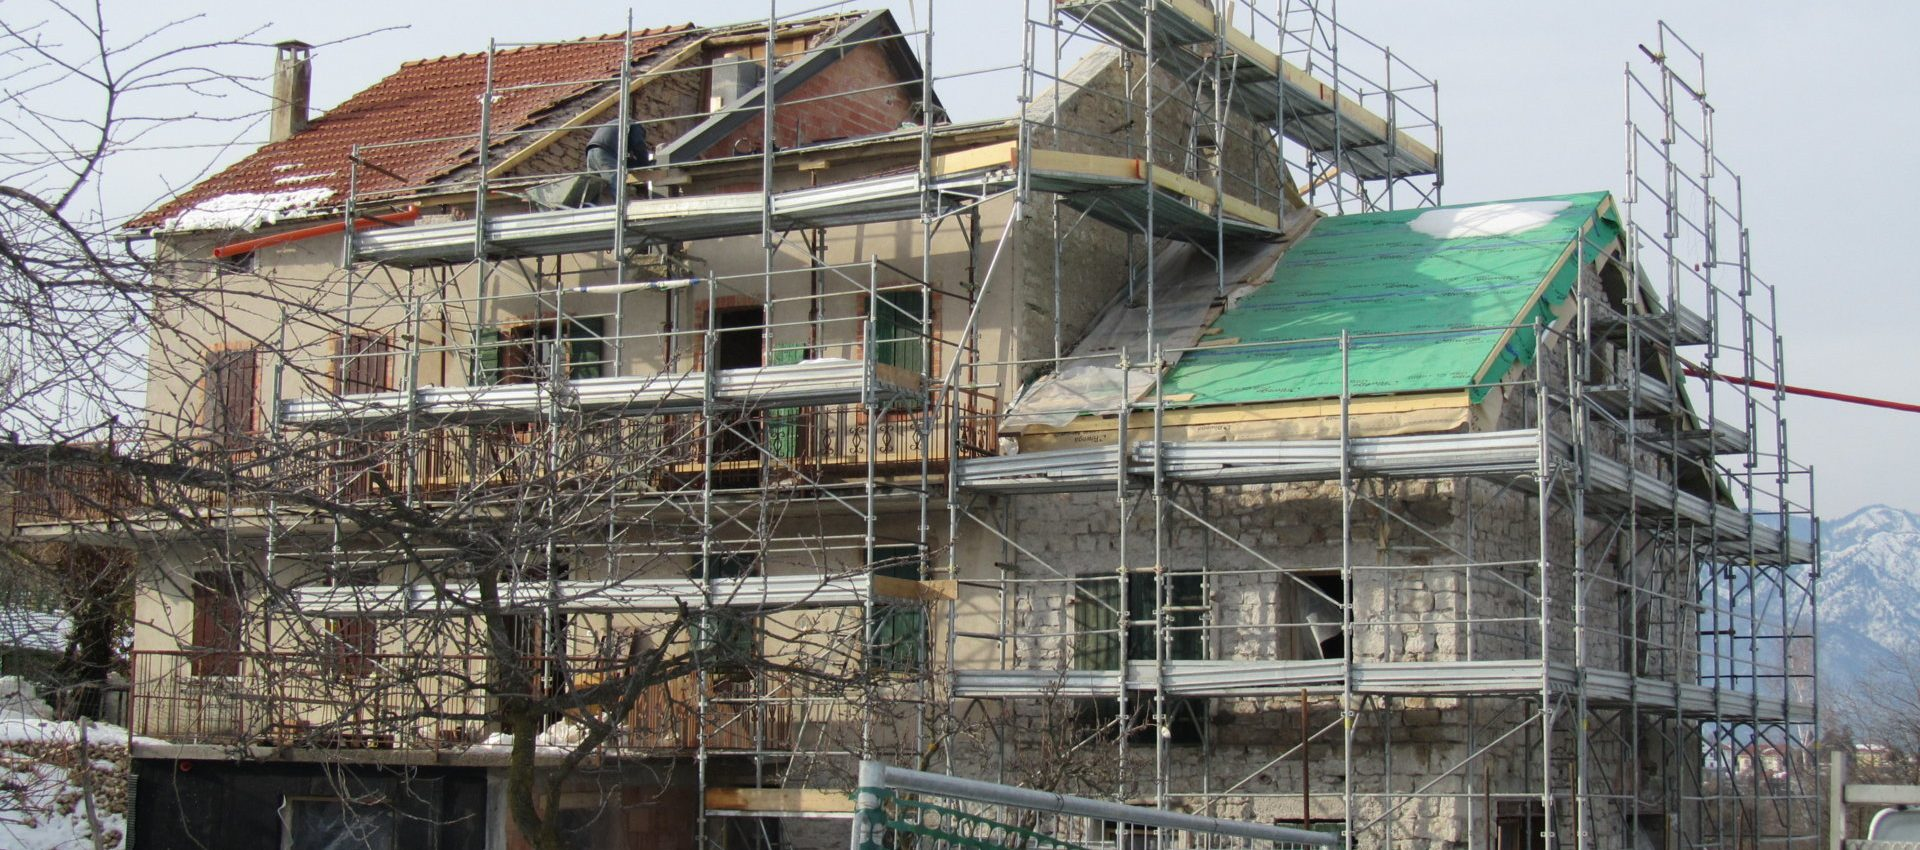 Miglioramento sismico ristrutturazione Belluno